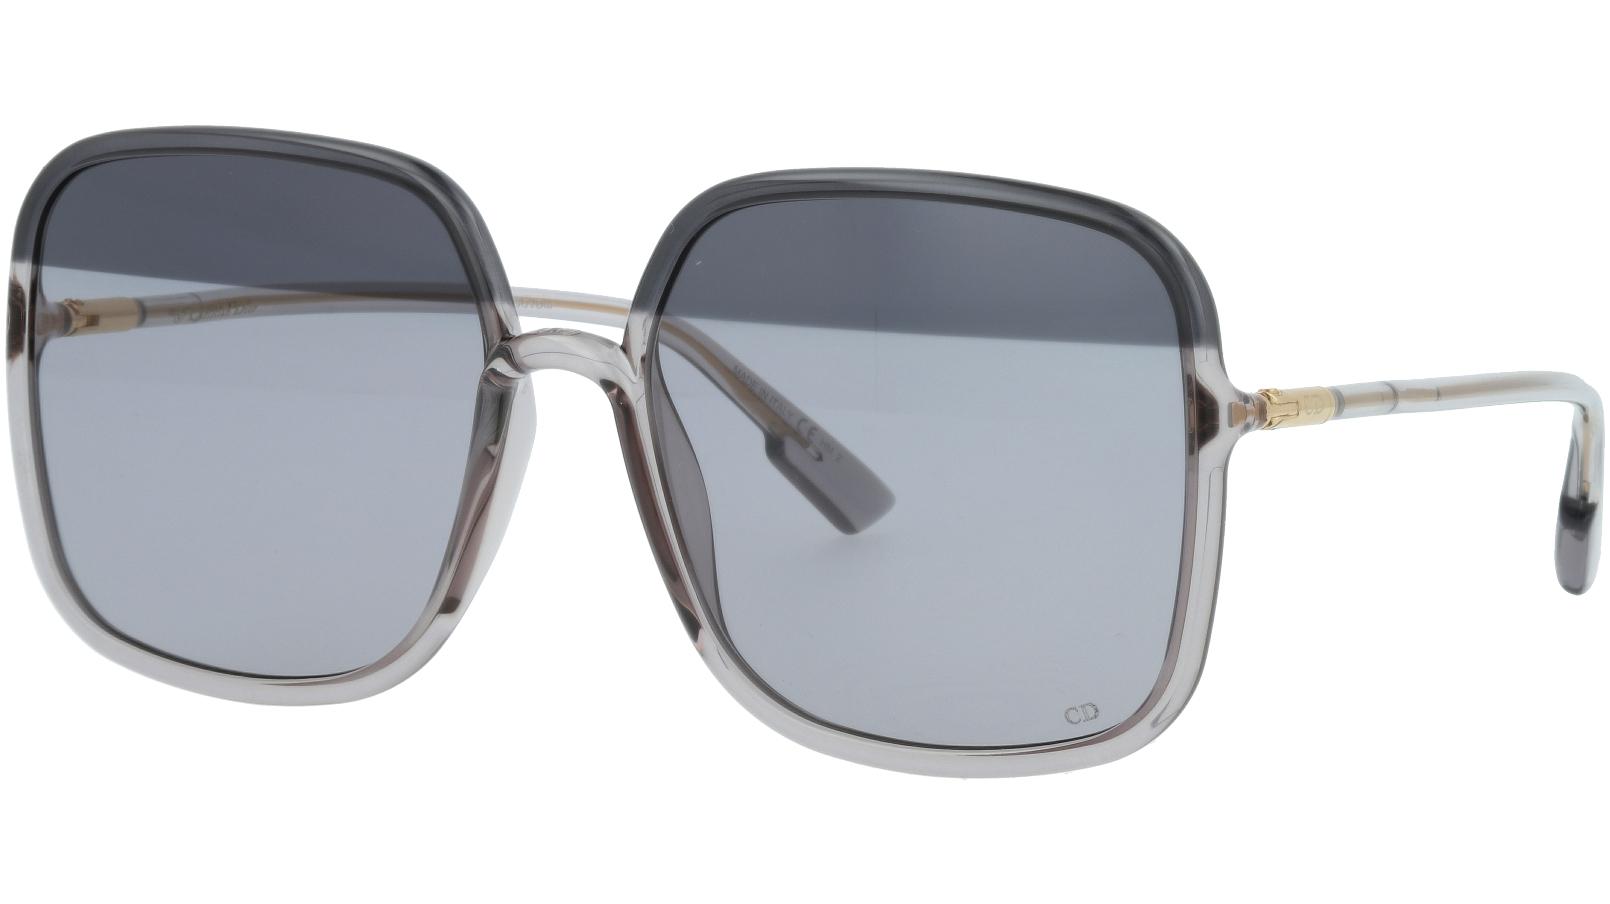 DIOR SOSTELLAIRE1 40G1I 59 YELLOW Sunglasses